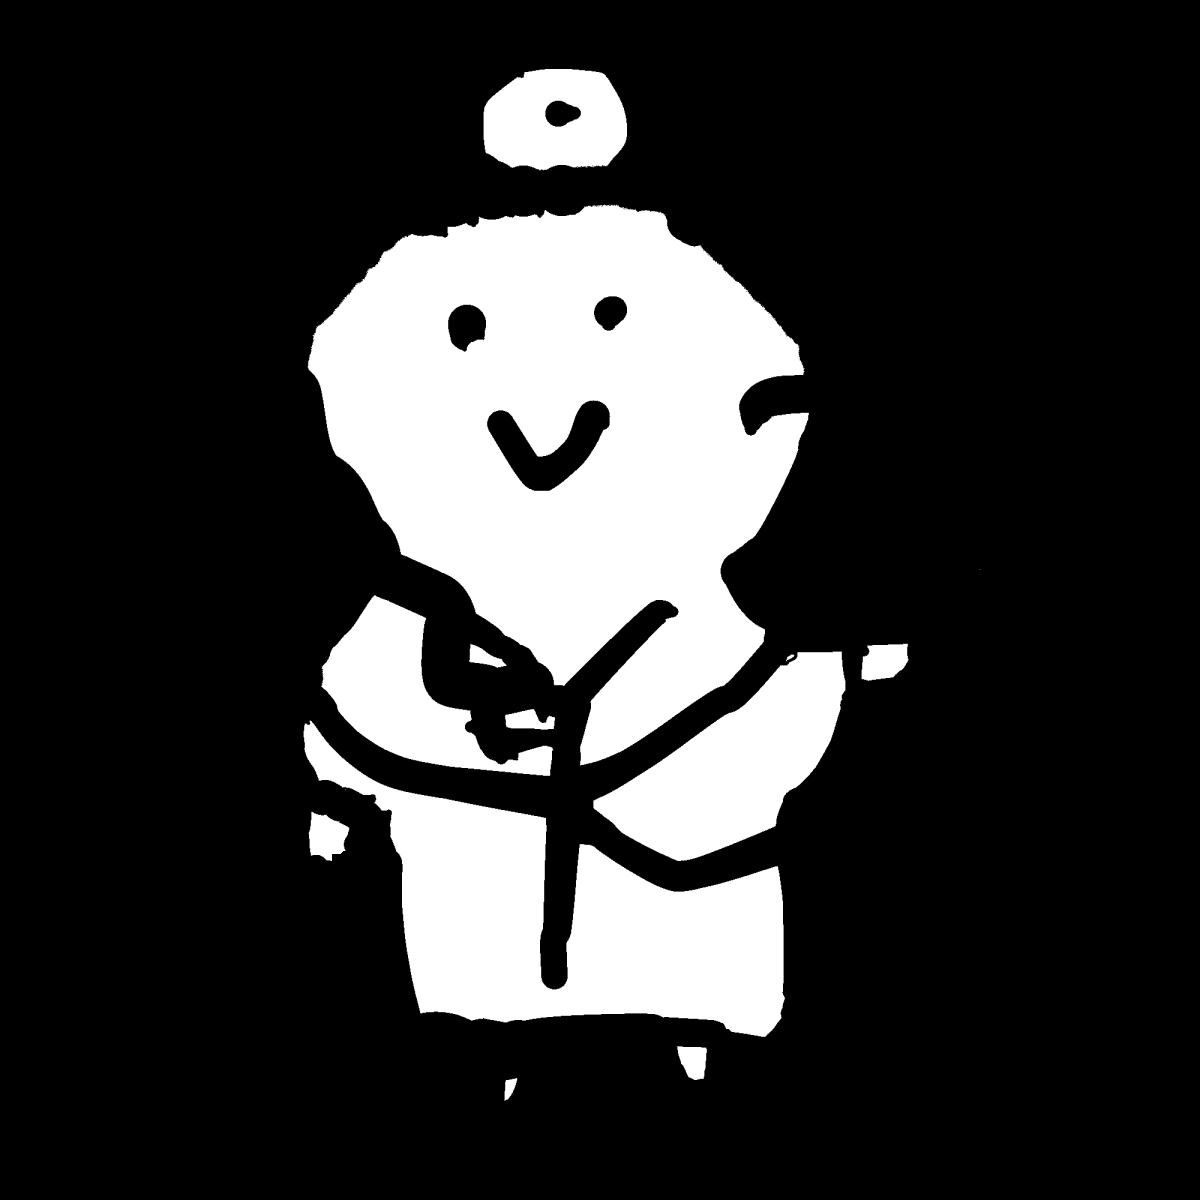 医師3のイラスト / Doctor 3 Illustration